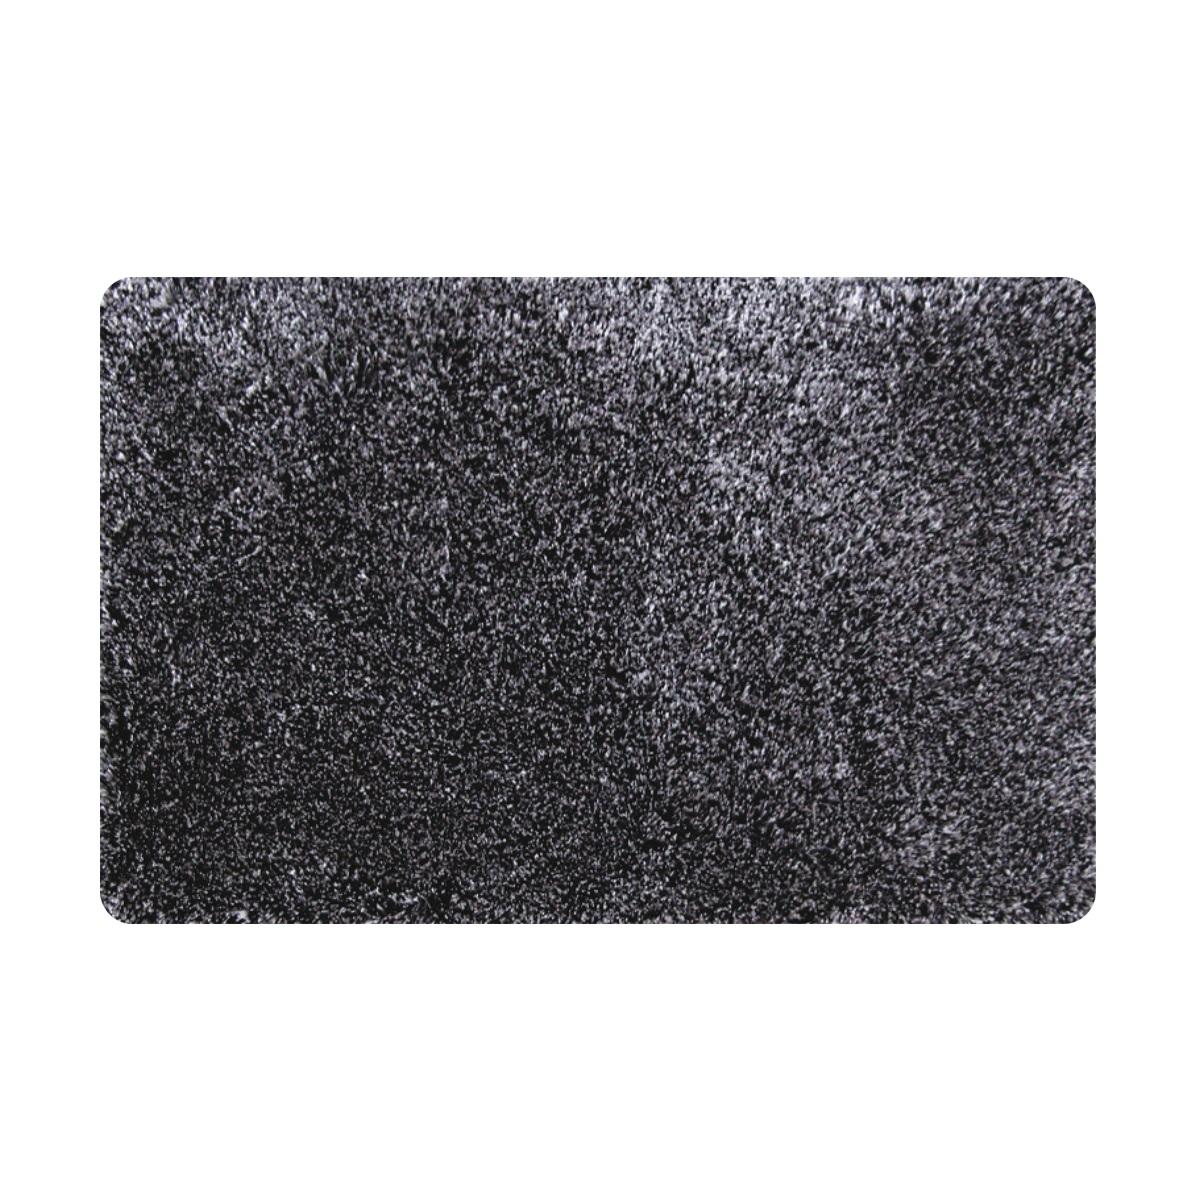 Коврик для ванной Iddis Grey grass, цвет: серый, 70 х 120 см коврик для ванной iddis curved lines 50x80 см 402a580i12